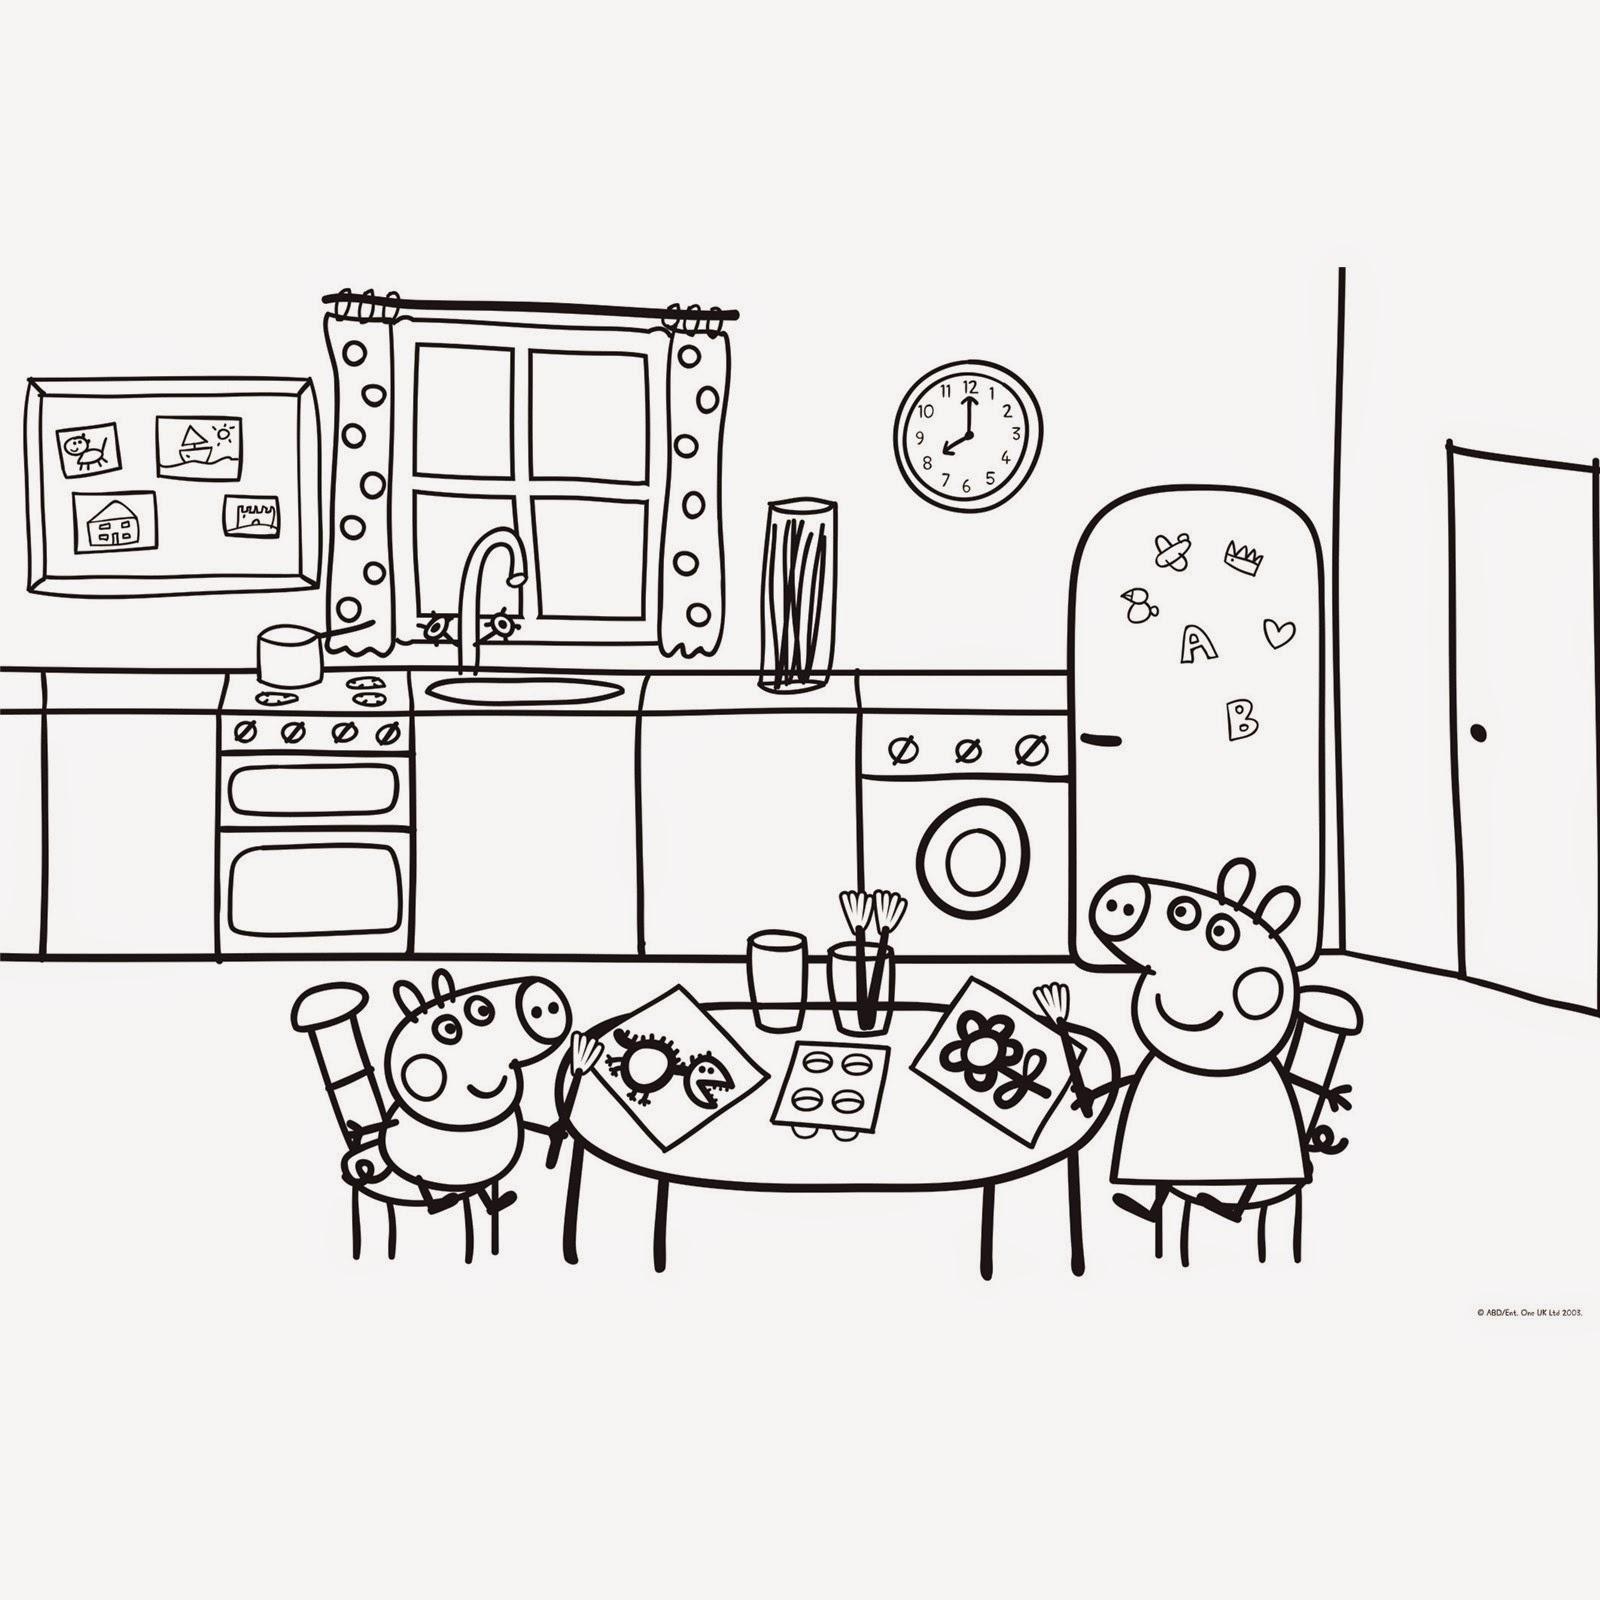 Juegos sara dibujos para colorear sobre la cocina y cocineros for Comedor para dibujar